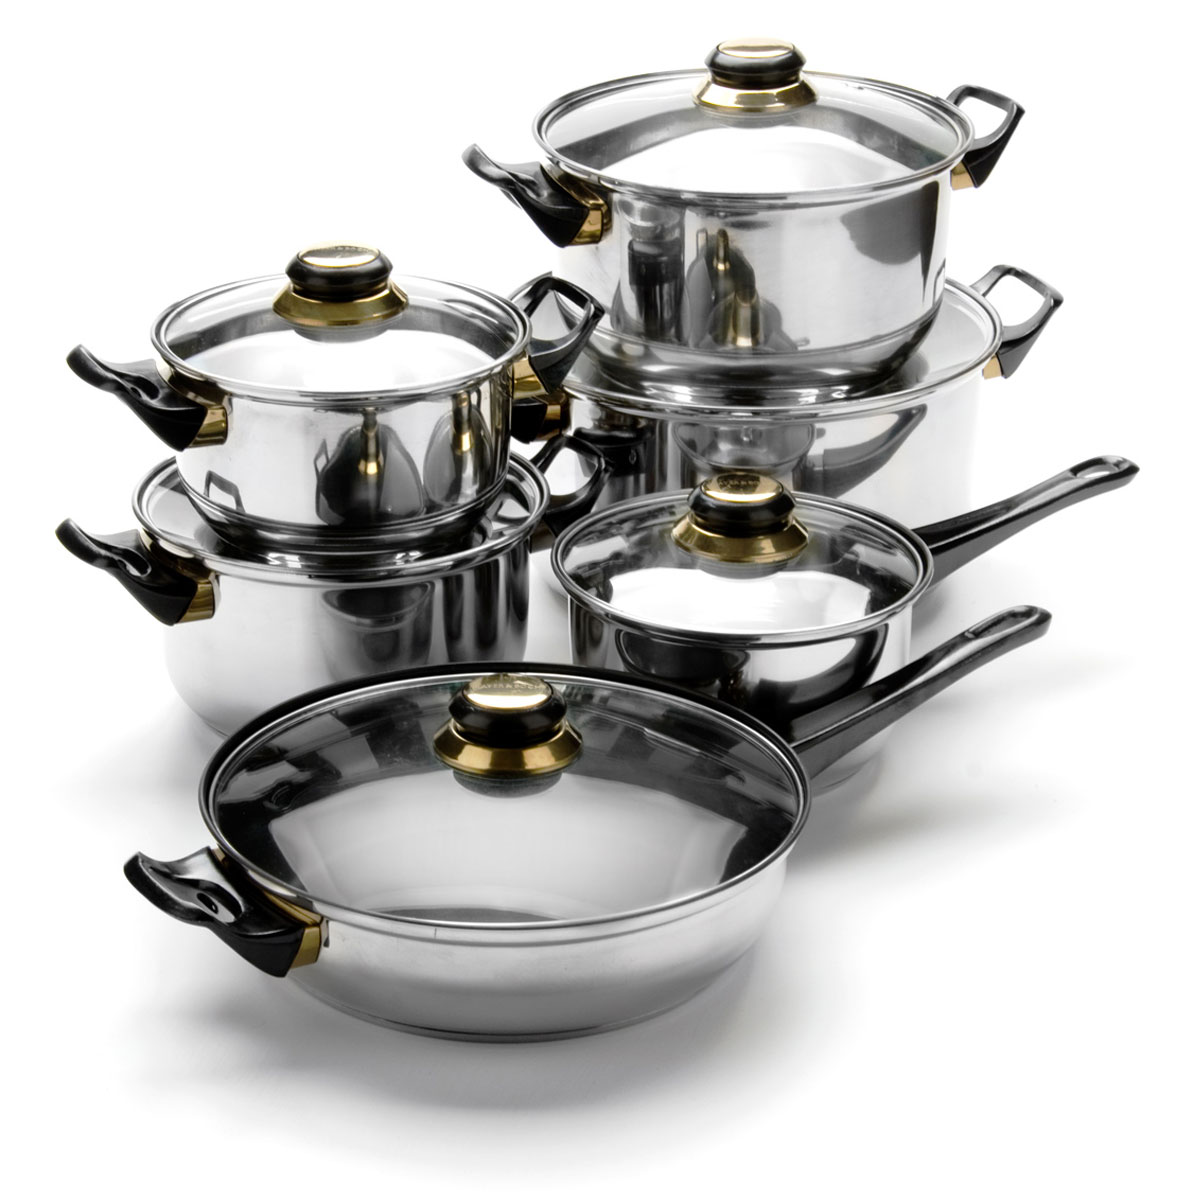 Набор посуды Mayer & Boch, 12 предметов. 6077 качурина т приготовление блюд из рыбы учебное пособие